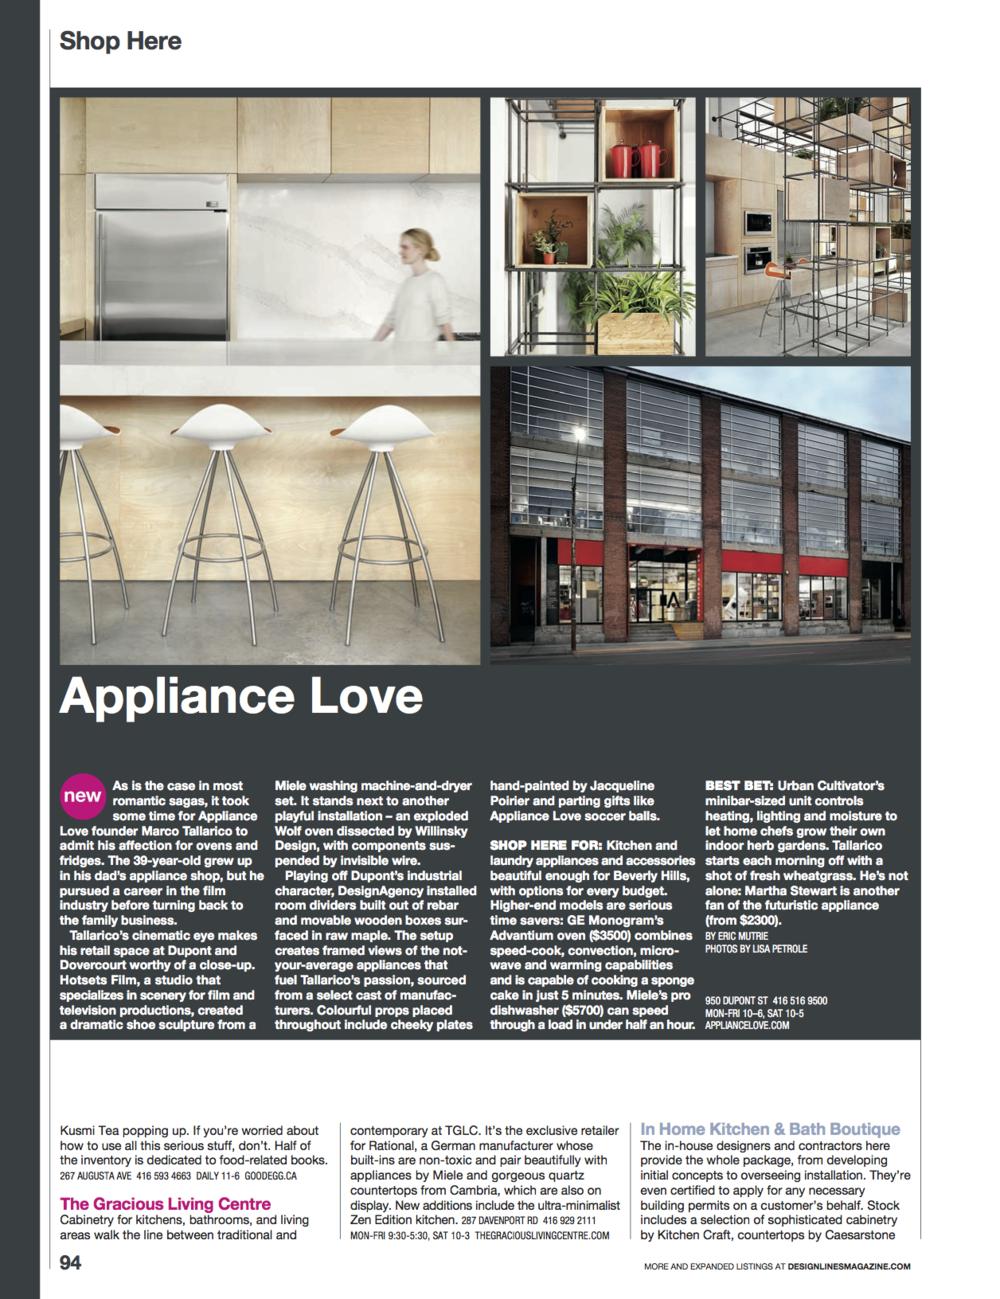 Appliance Love